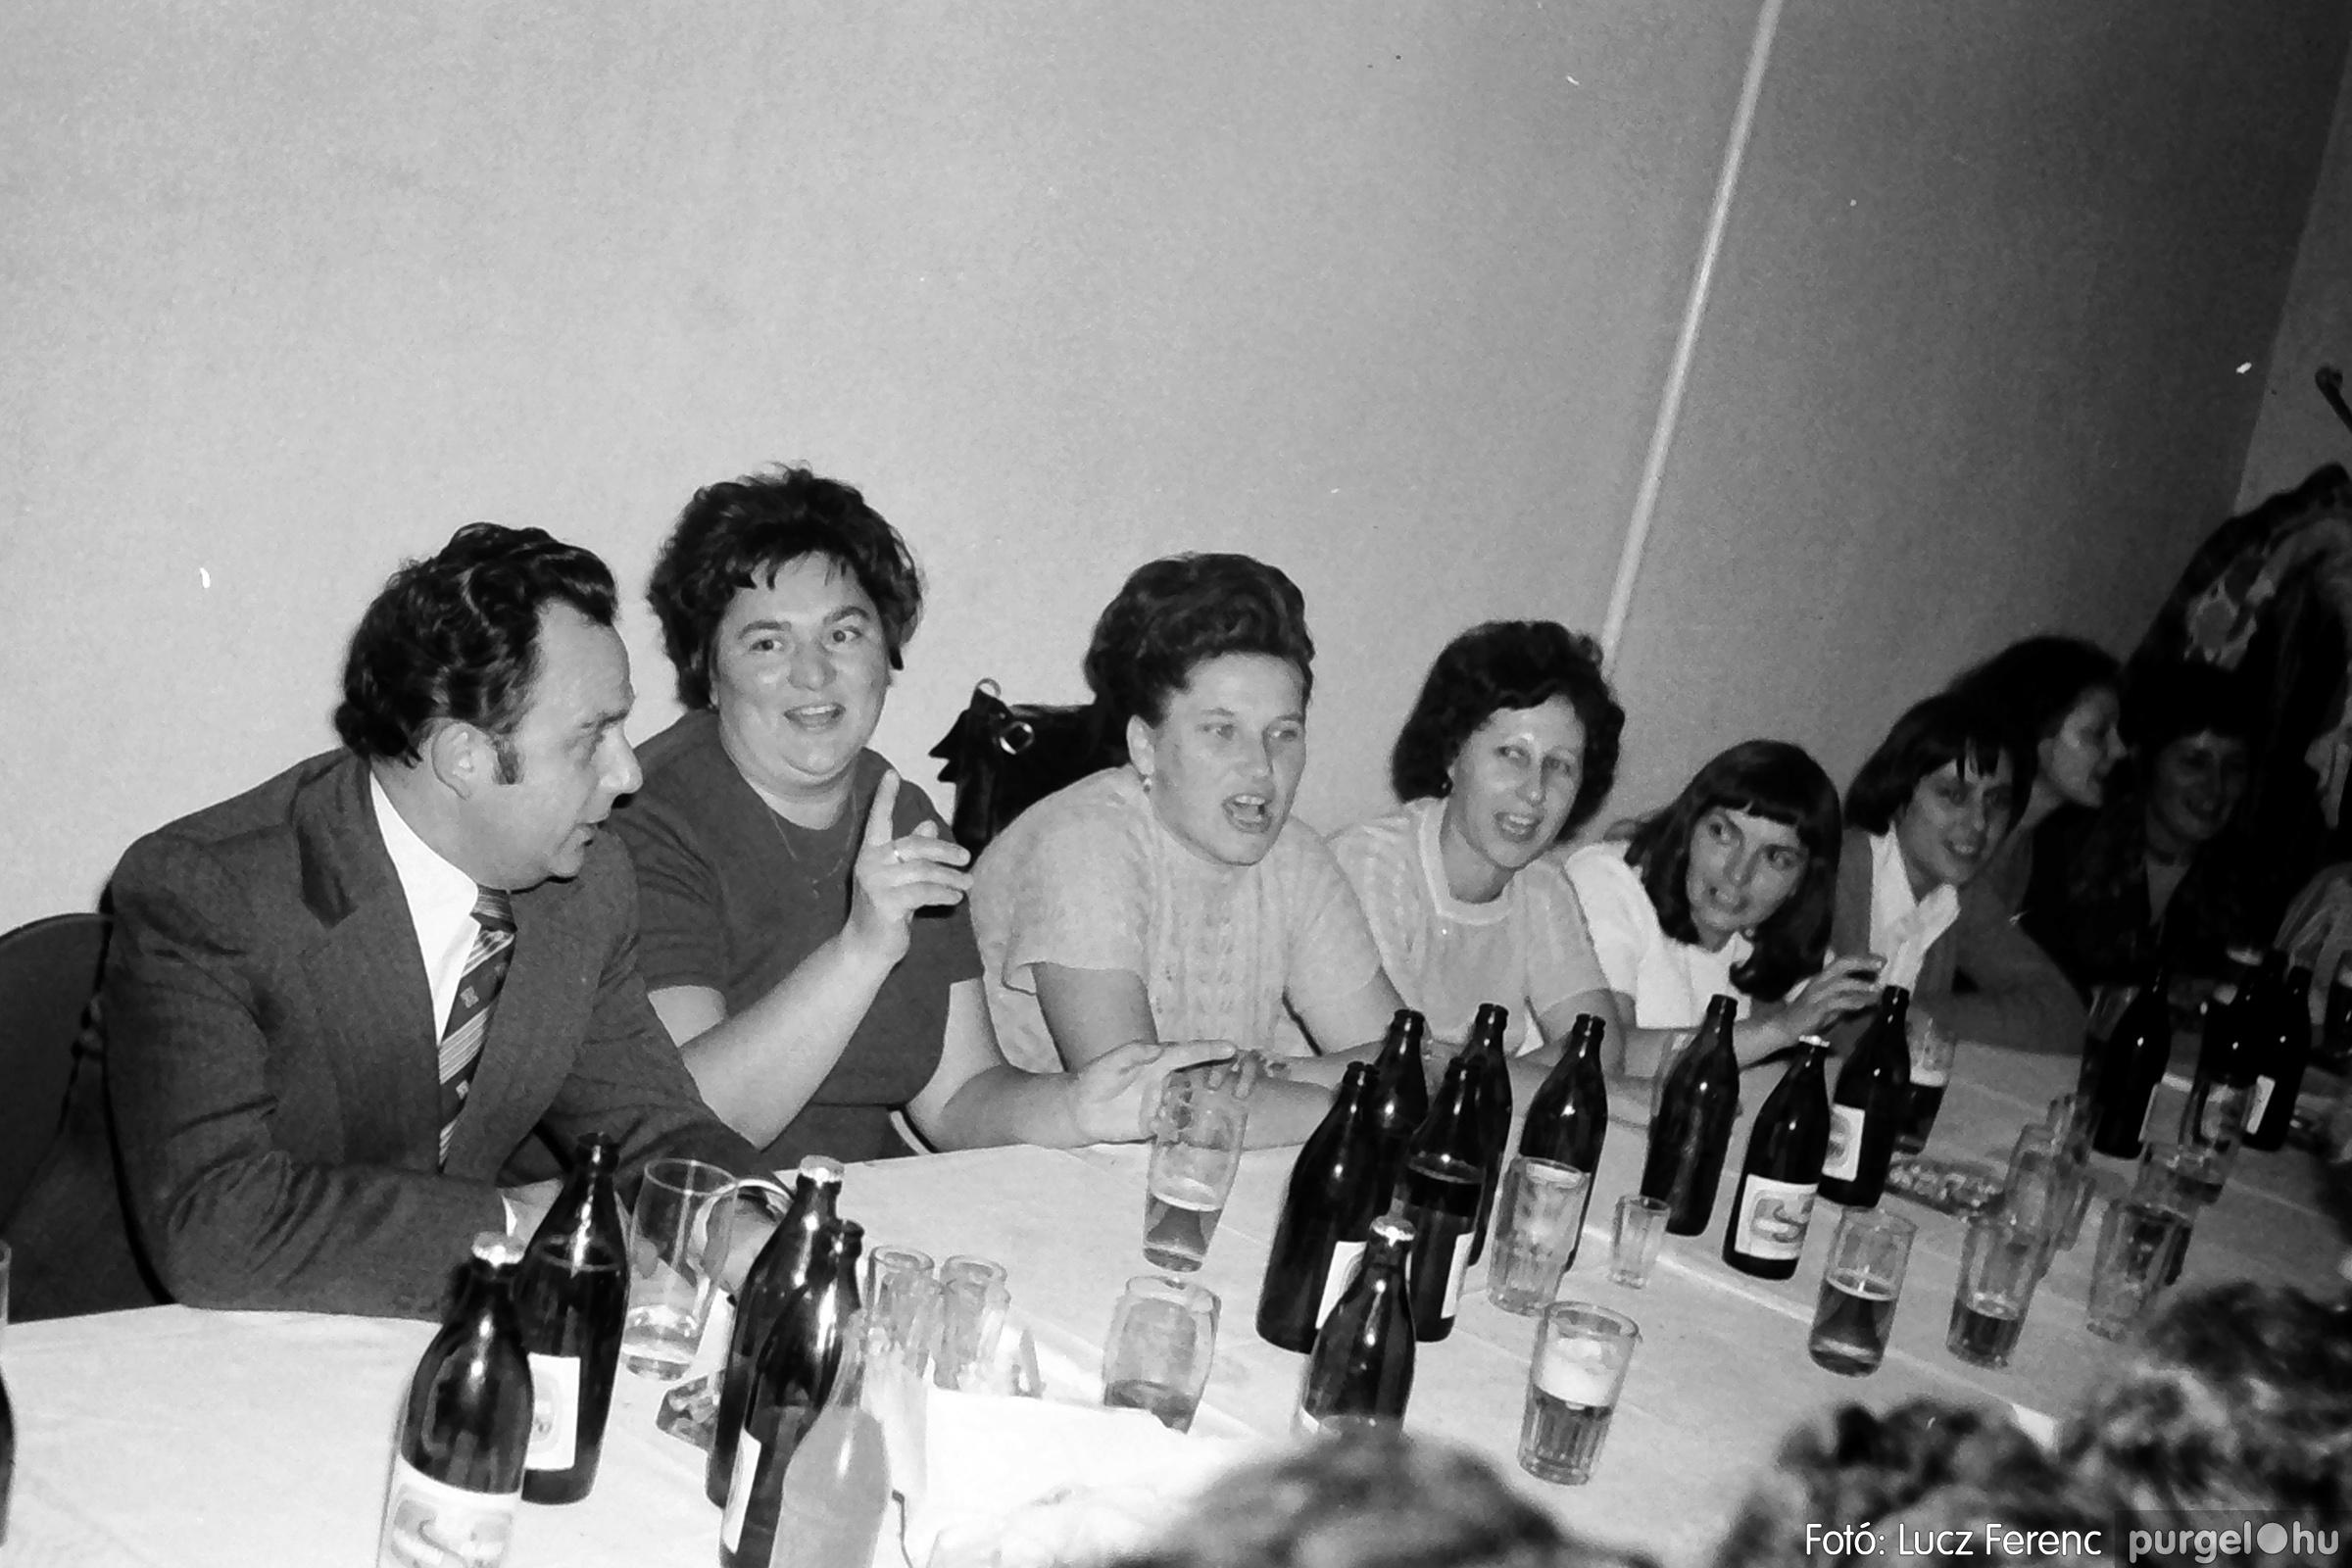 064-065. 1976. KTSZ-es dínomdánom a vendéglőben 009. - Fotó: Lucz Ferenc.jpg